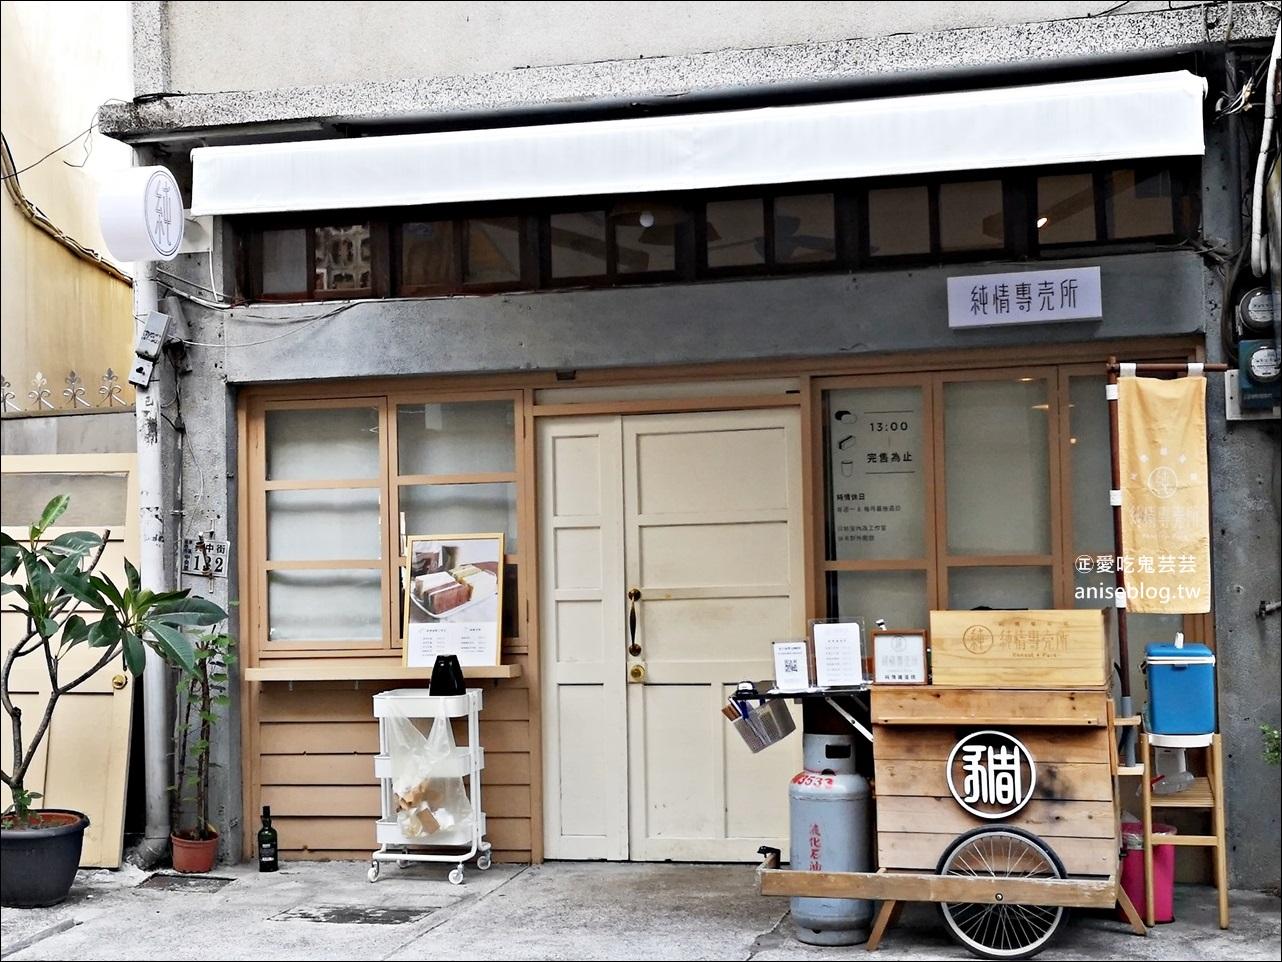 純情專売所,雞蛋糕也可以很文青,IG熱門打卡點,嘉義下午茶甜點美食(姊姊食記)